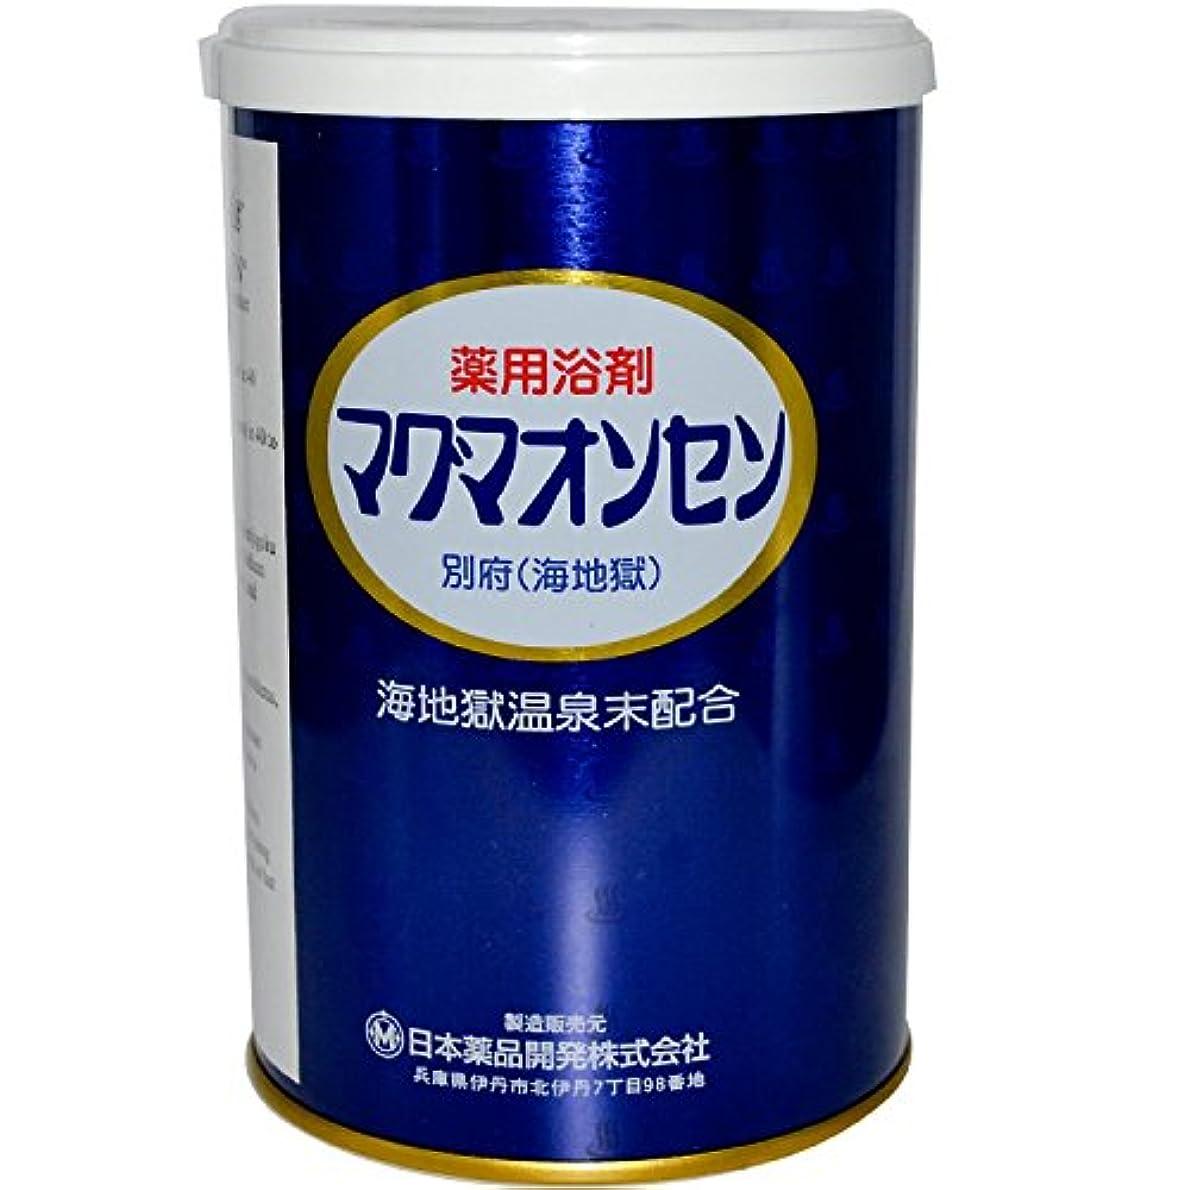 バッグ人形流暢マグマオンセン別府(海地獄) 500g三缶